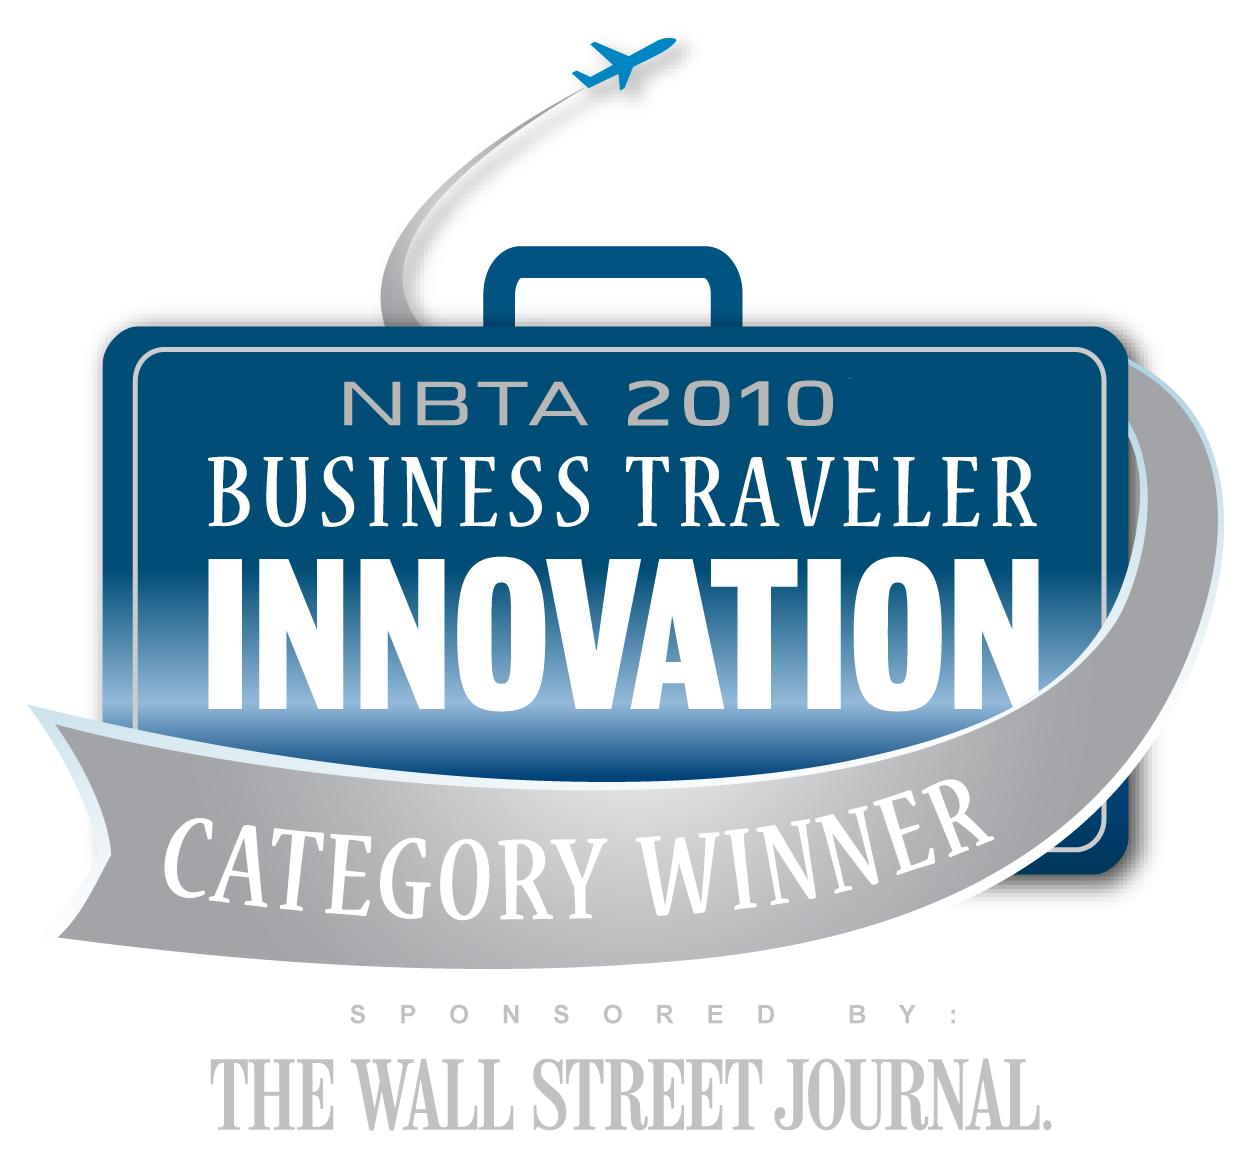 NBTA Biz Traveler Innovation